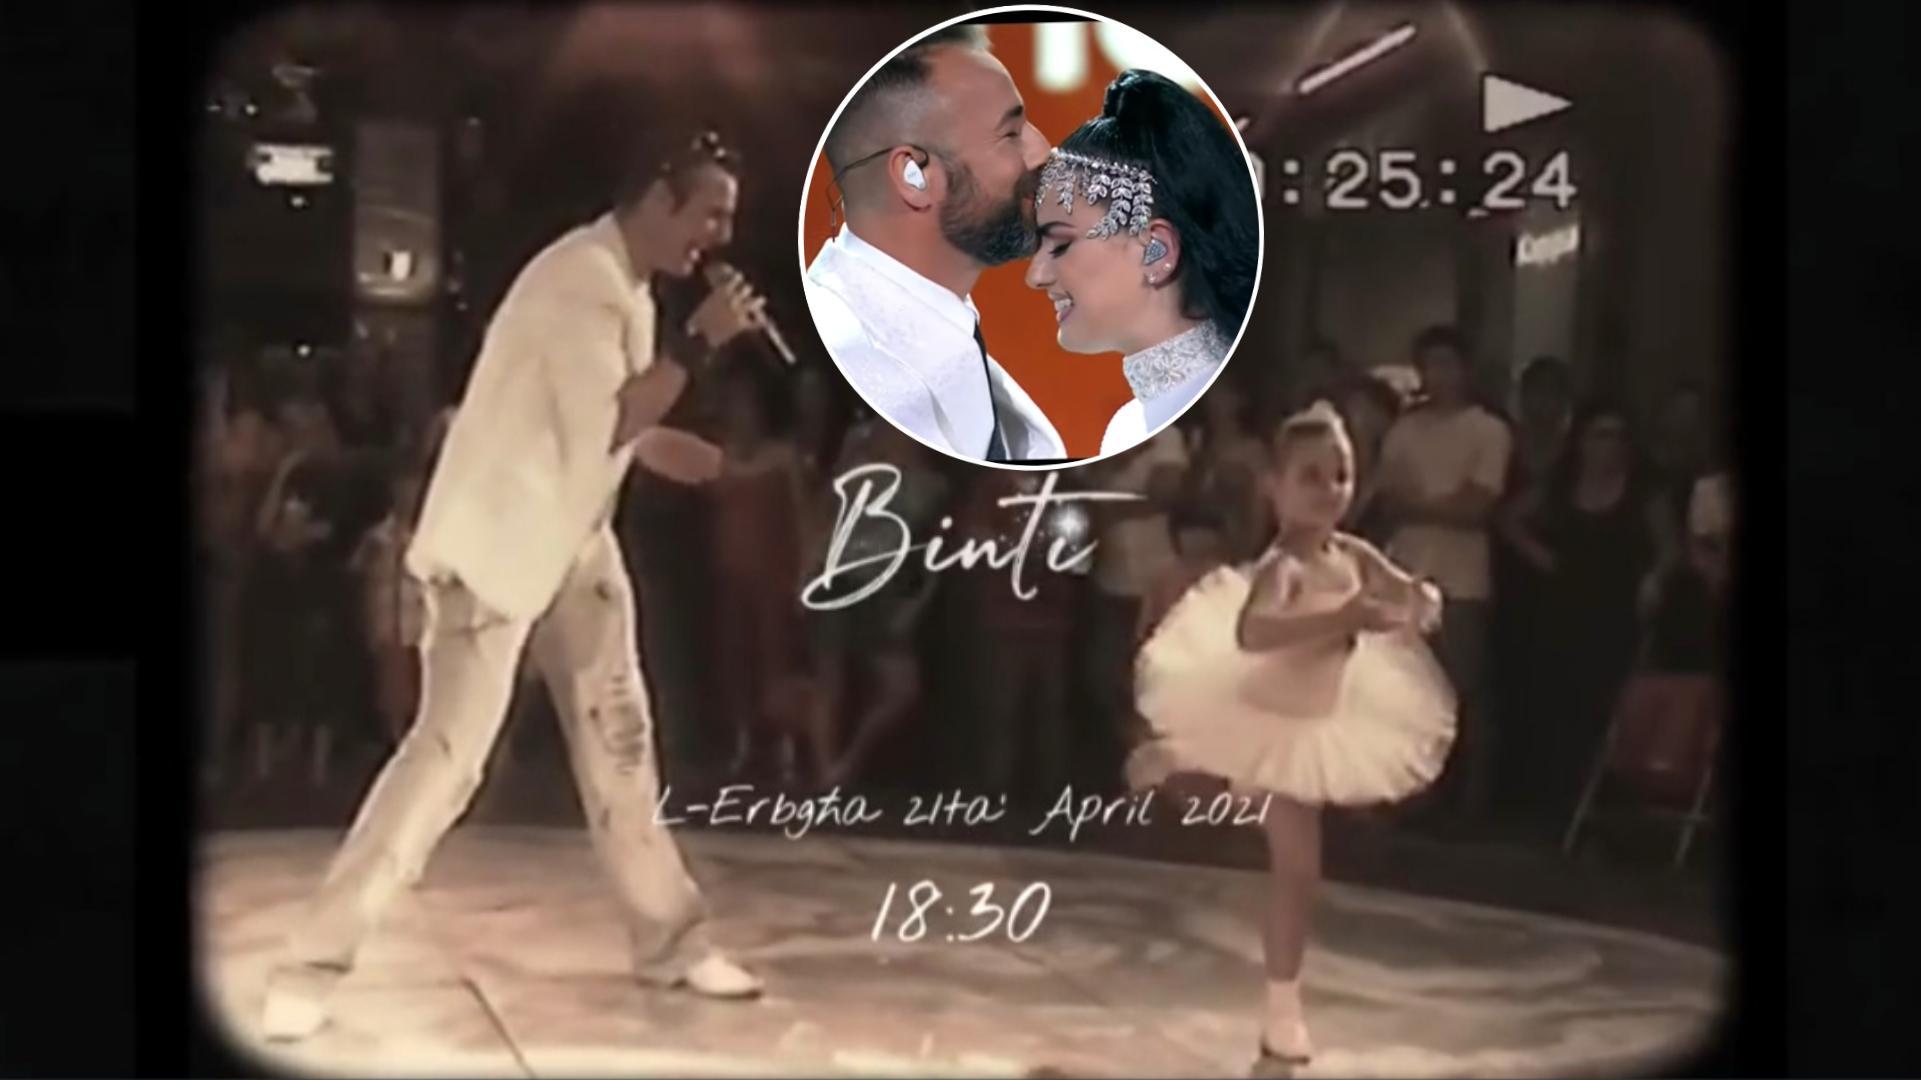 Nhar l-Erbgħa li ġej jitnieda l-vidjow mużikali tal-kanzunetta 'Binti'